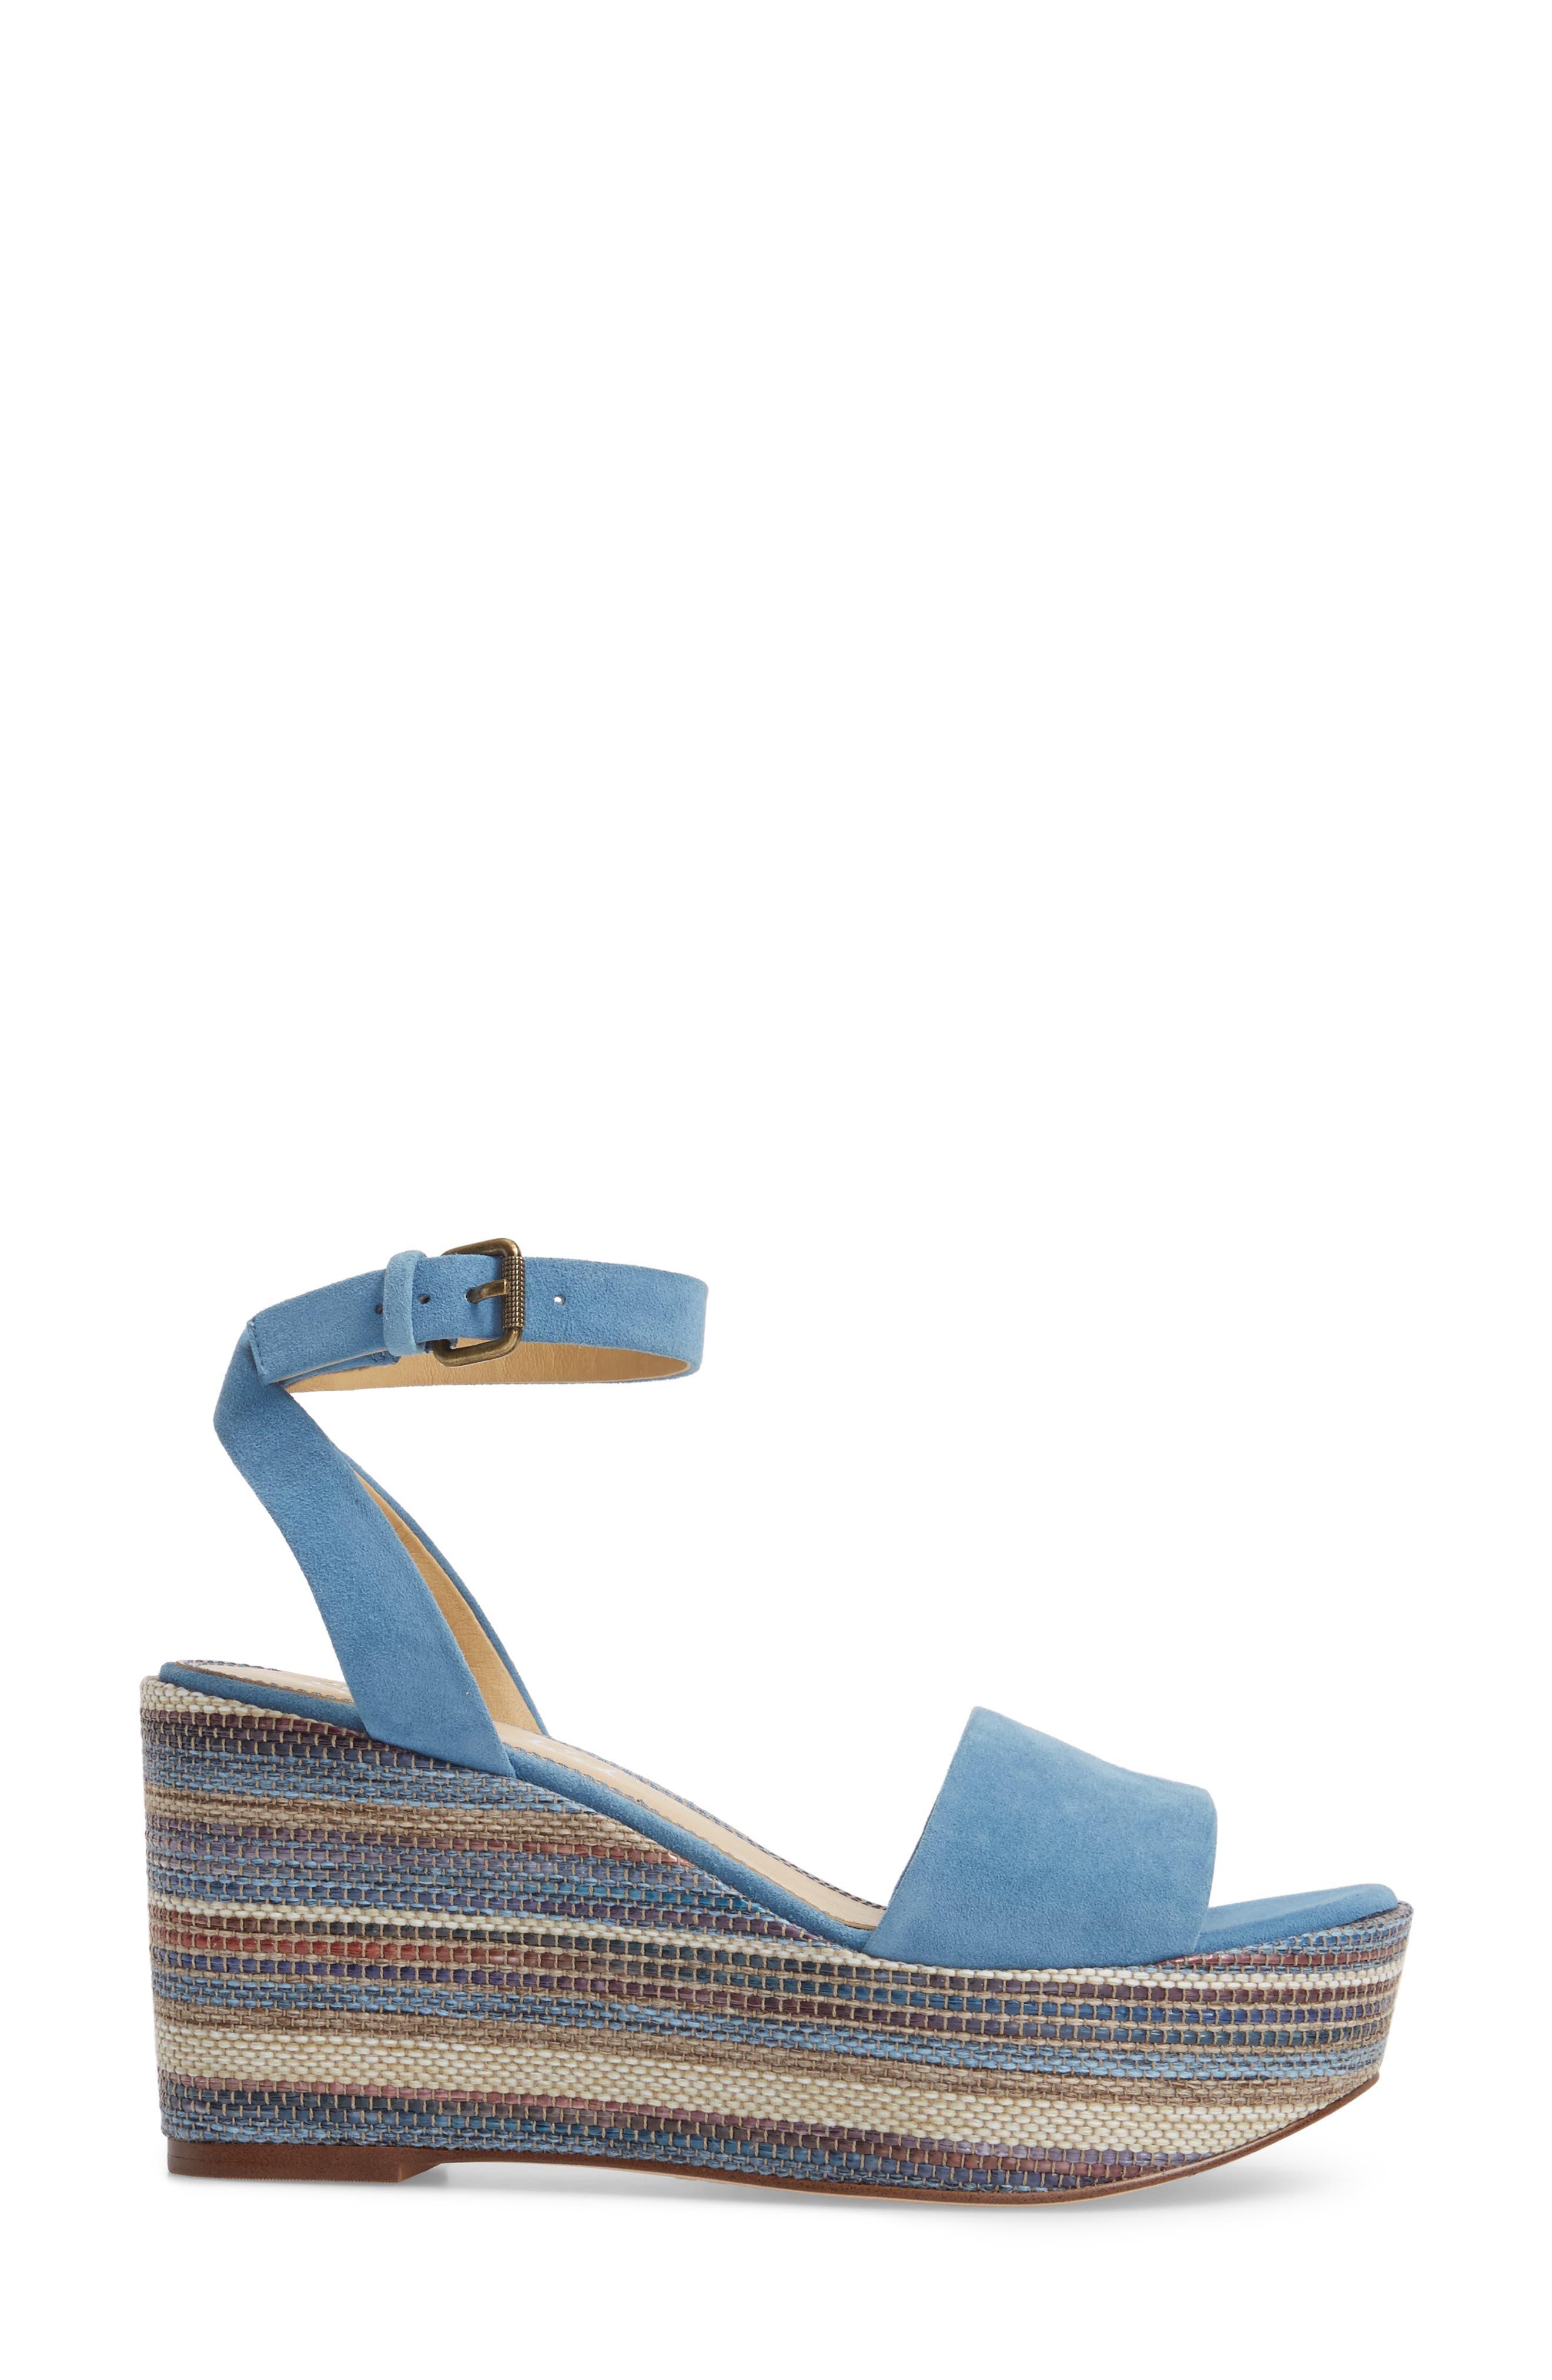 Felix Platform Wedge Sandal,                             Alternate thumbnail 3, color,                             BLUE HORIZON SUEDE